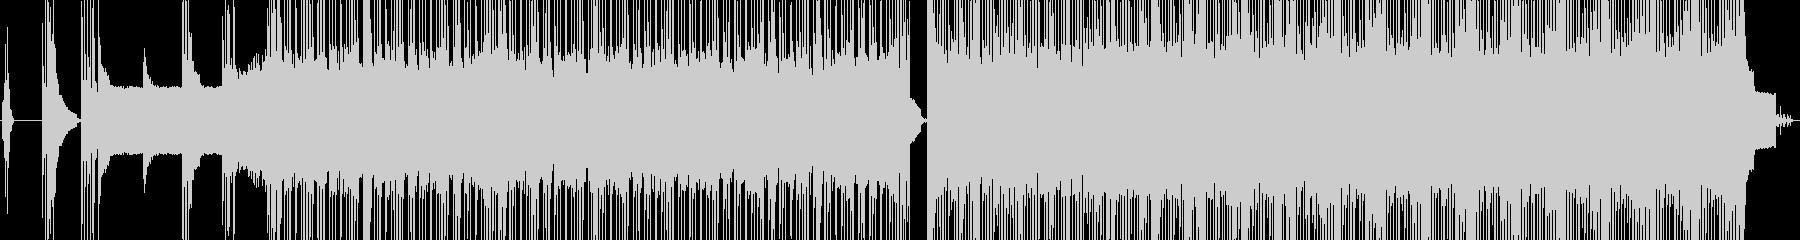 ハードロック。リズミカルなロックと...の未再生の波形